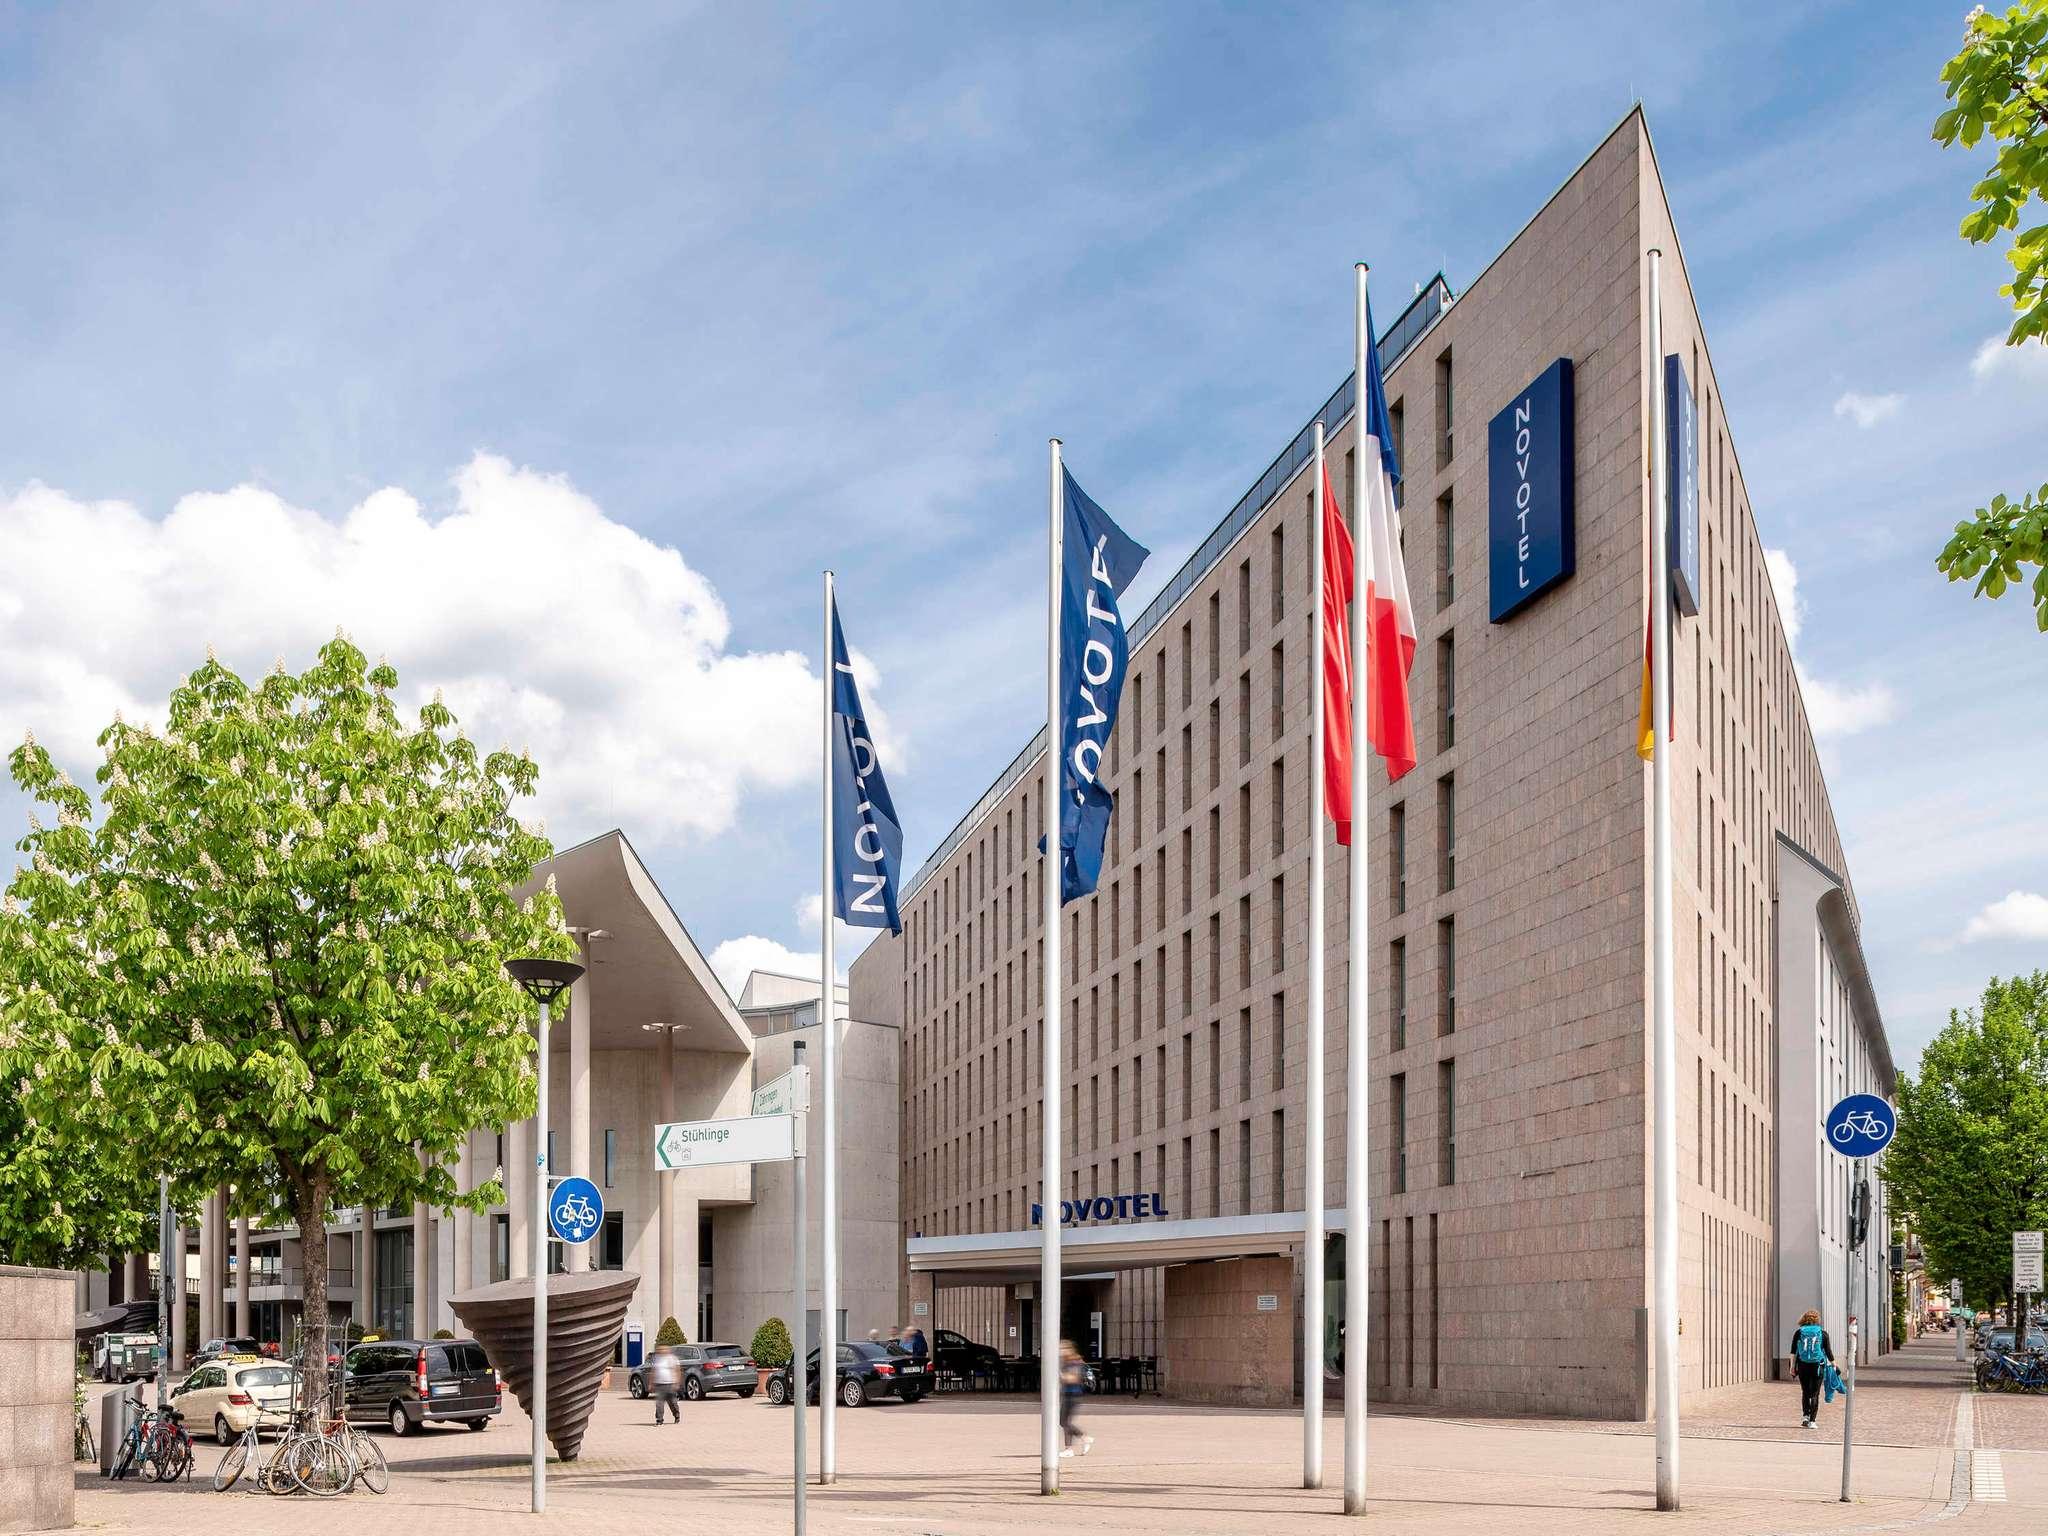 Hotel Novotel Freiburg Am Konzerthaus